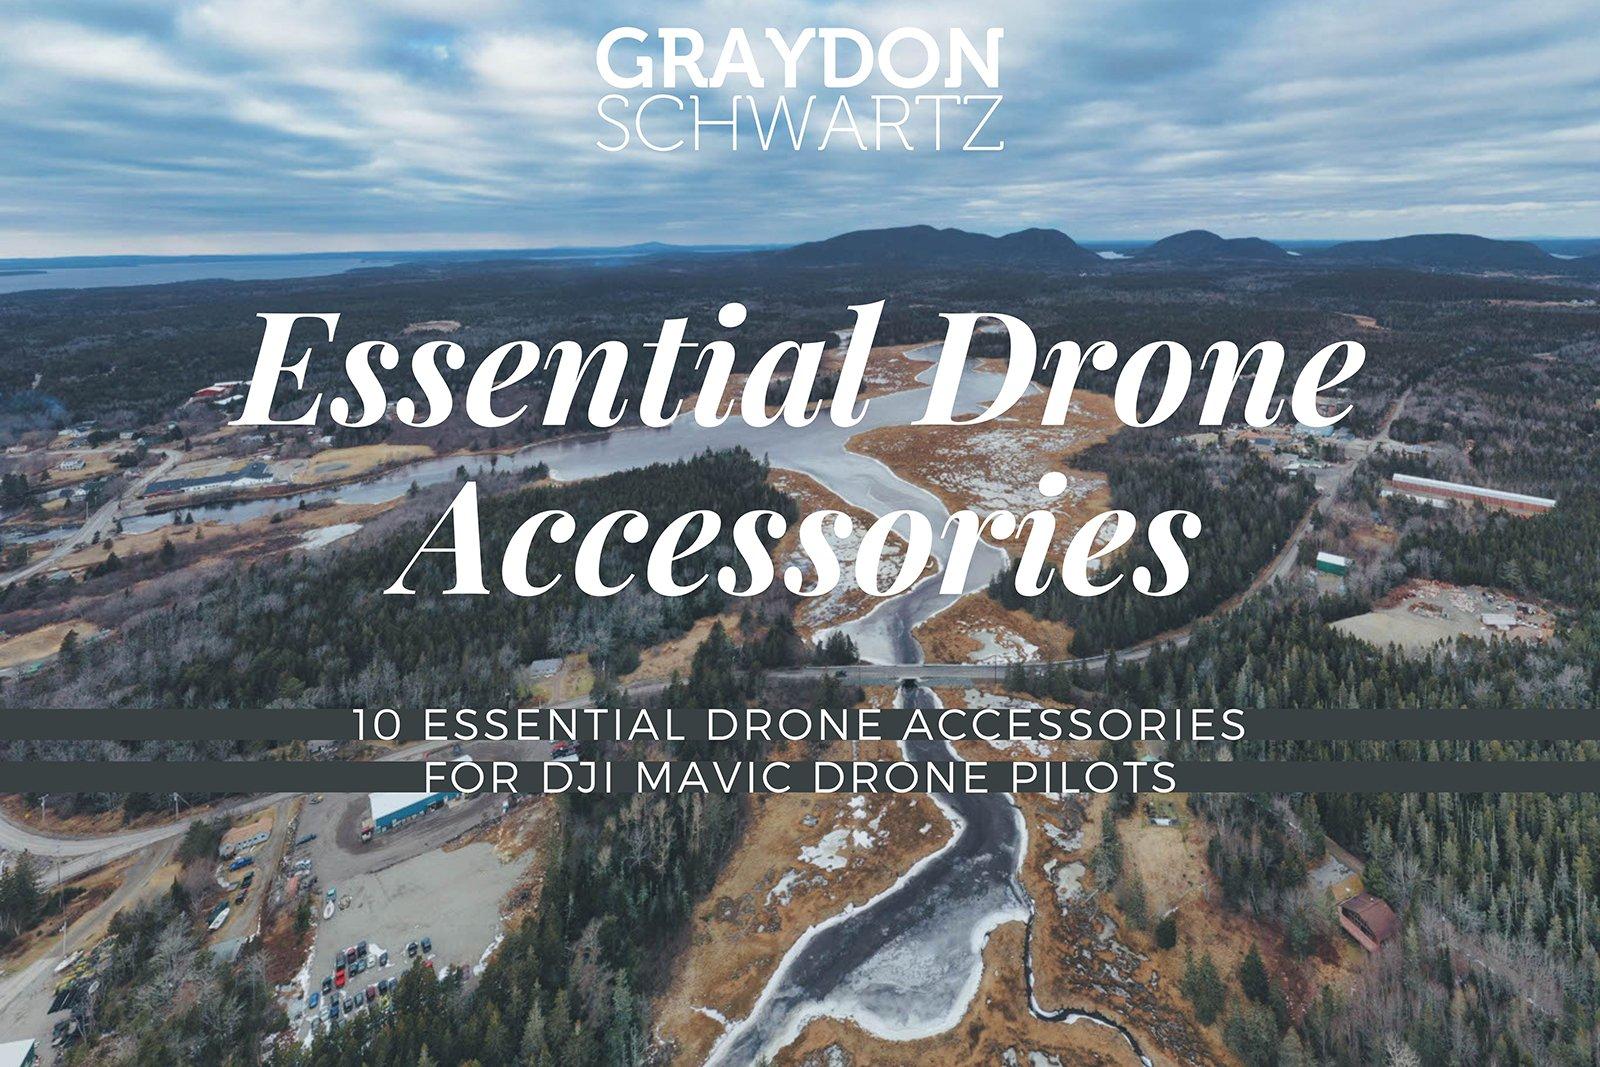 10 Essential Drone Accessories For DJI Mavic Drone Pilots